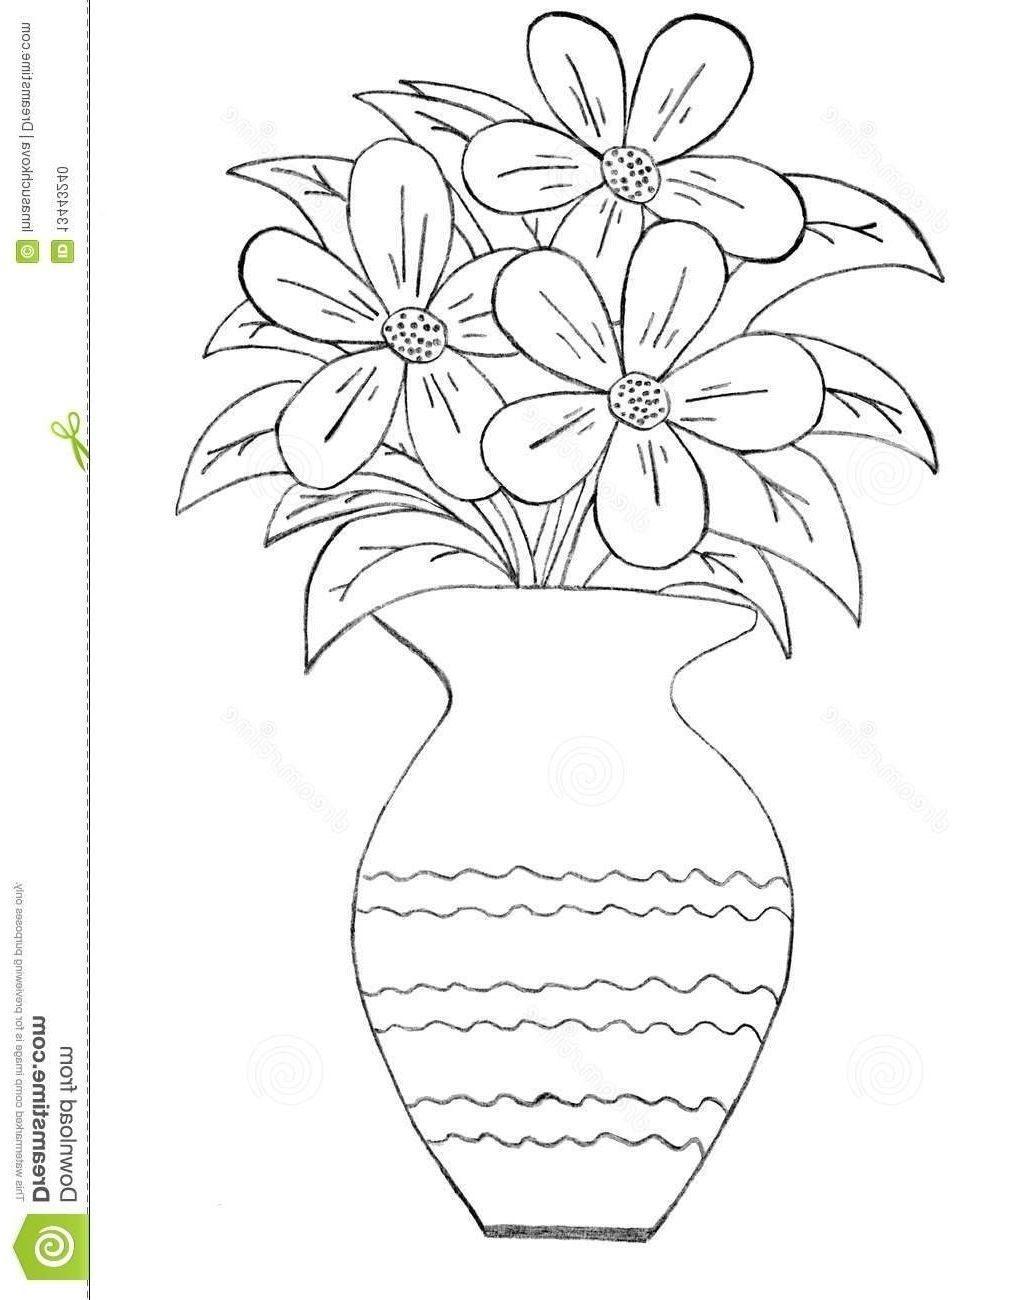 Imagenes De Bosquejo De Florero Flor Imagenes Dibujo Bosquejo Dibujo Florero Imagenes Blumen Skizzen Blumenzeichnung Bleistiftzeichnung Bilder